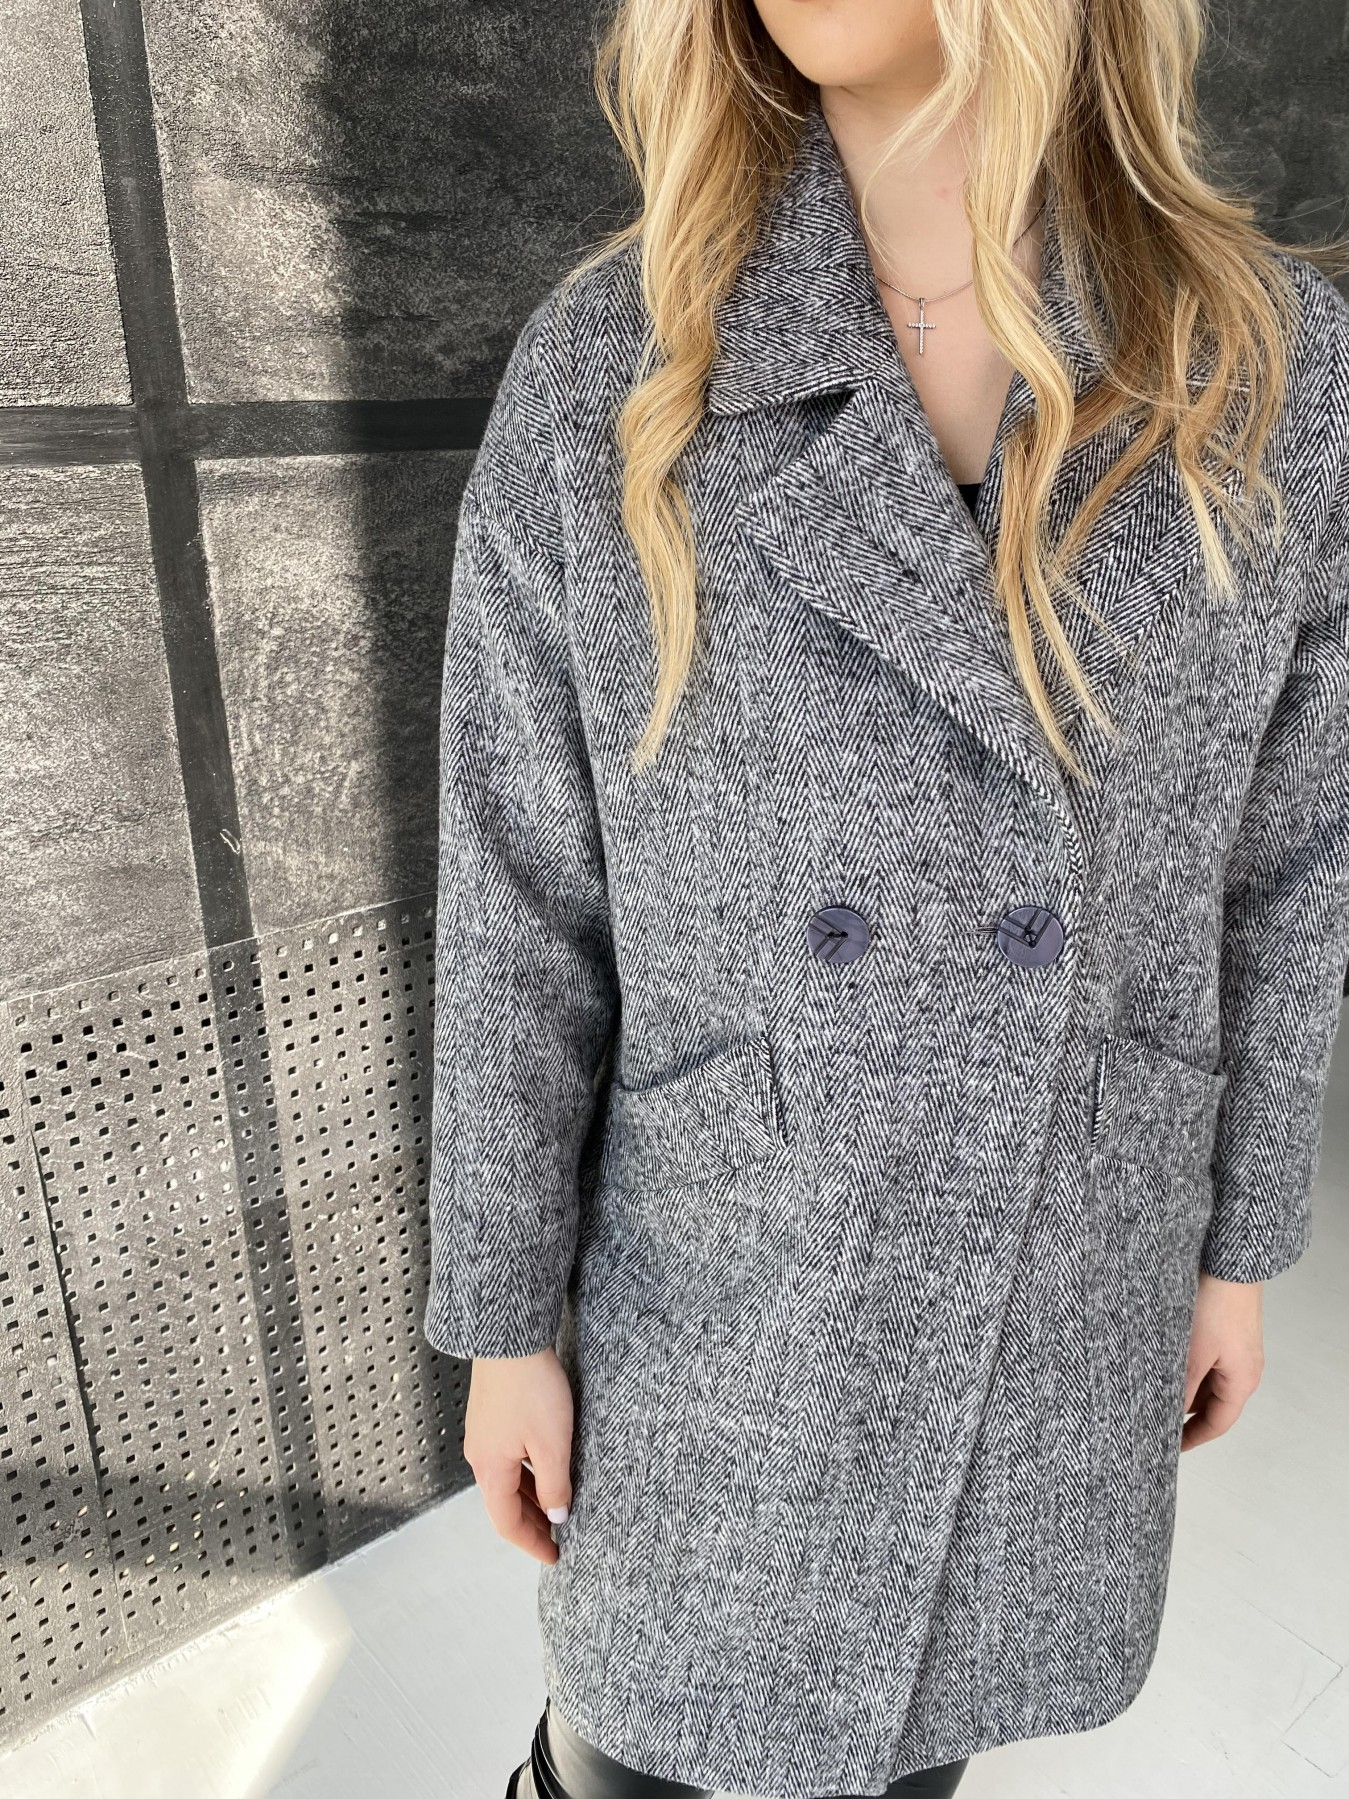 Сенсей Елка пальтовая ткань пальто 10791 АРТ. 47274 Цвет: Черно-Белый - фото 4, интернет магазин tm-modus.ru